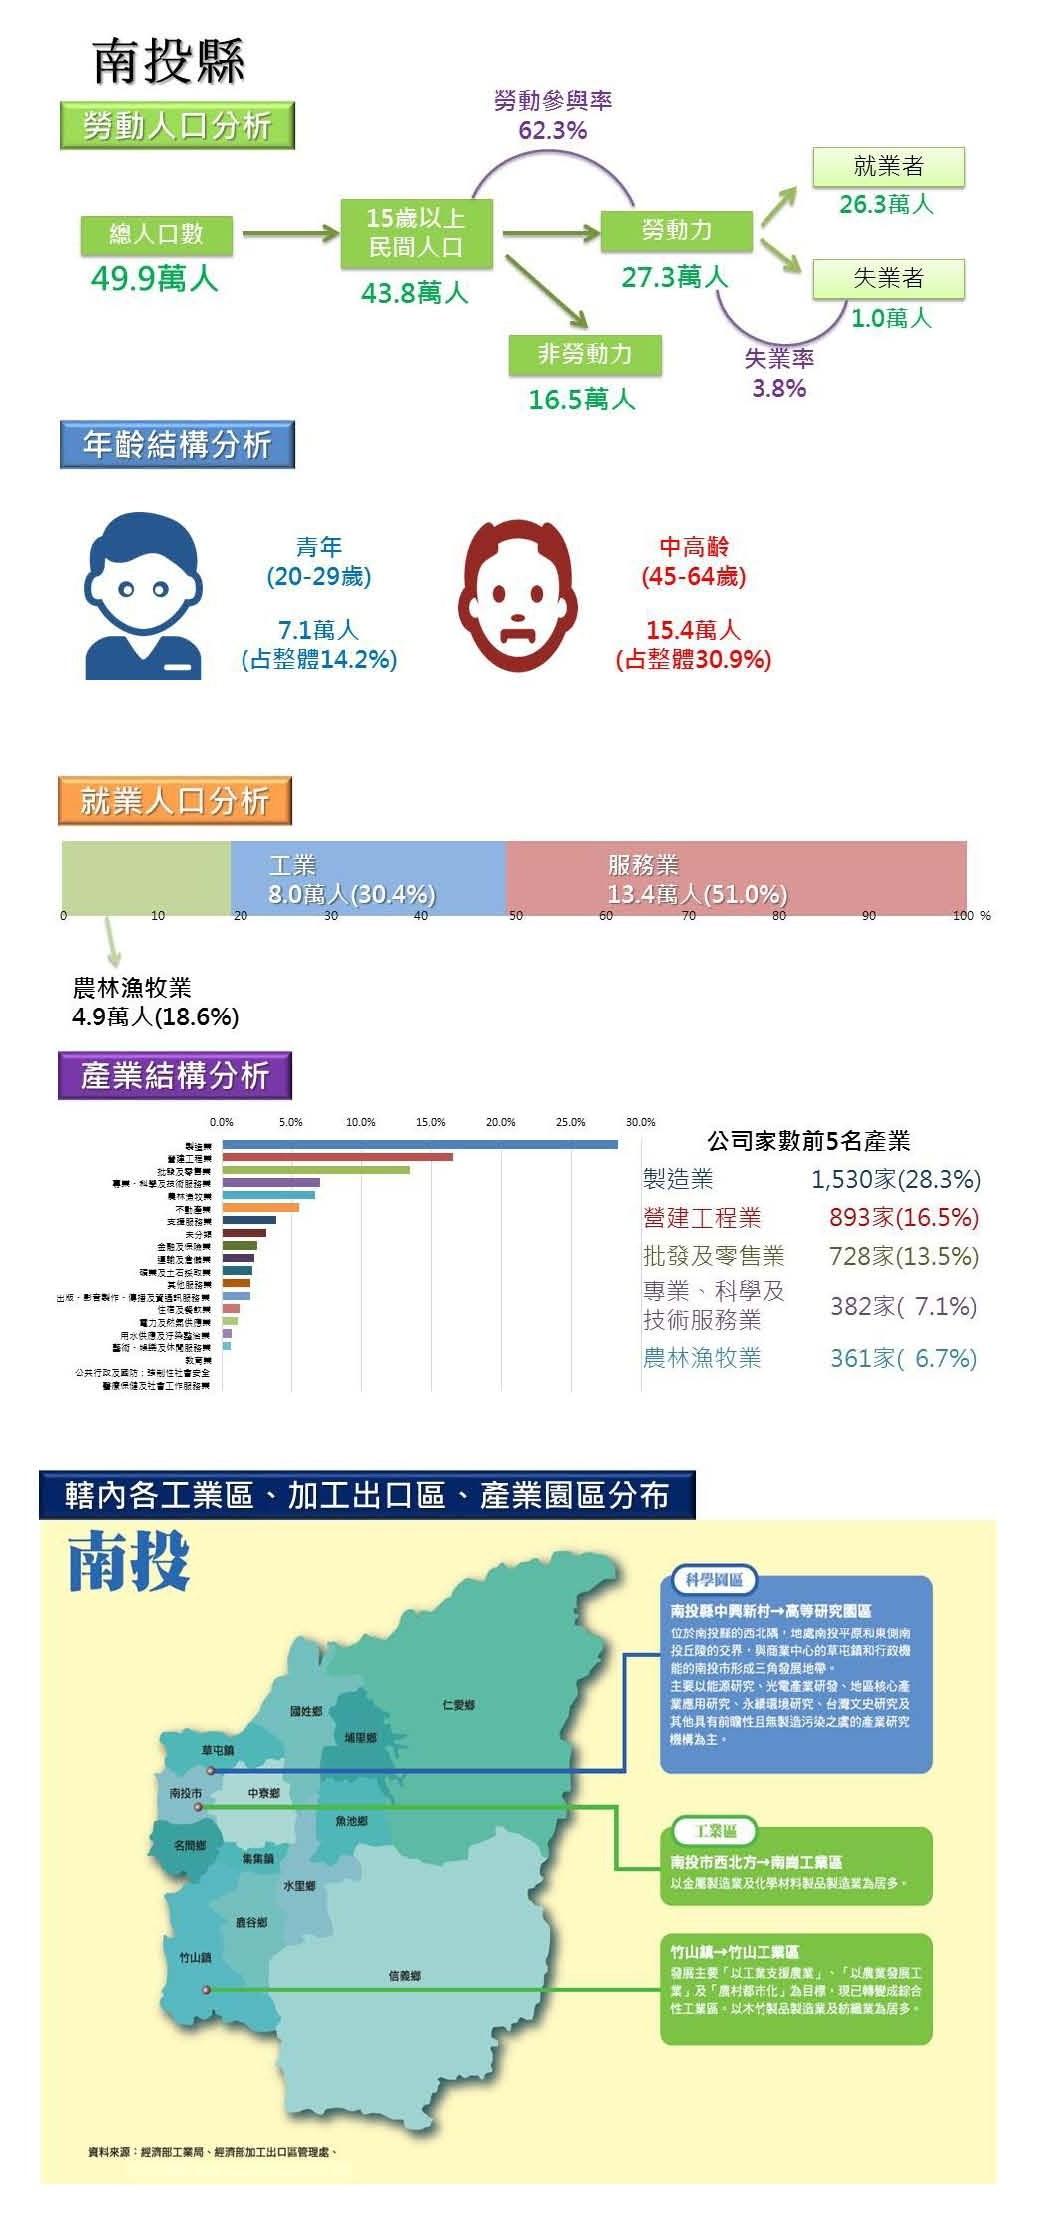 南投勞動人口分析圖